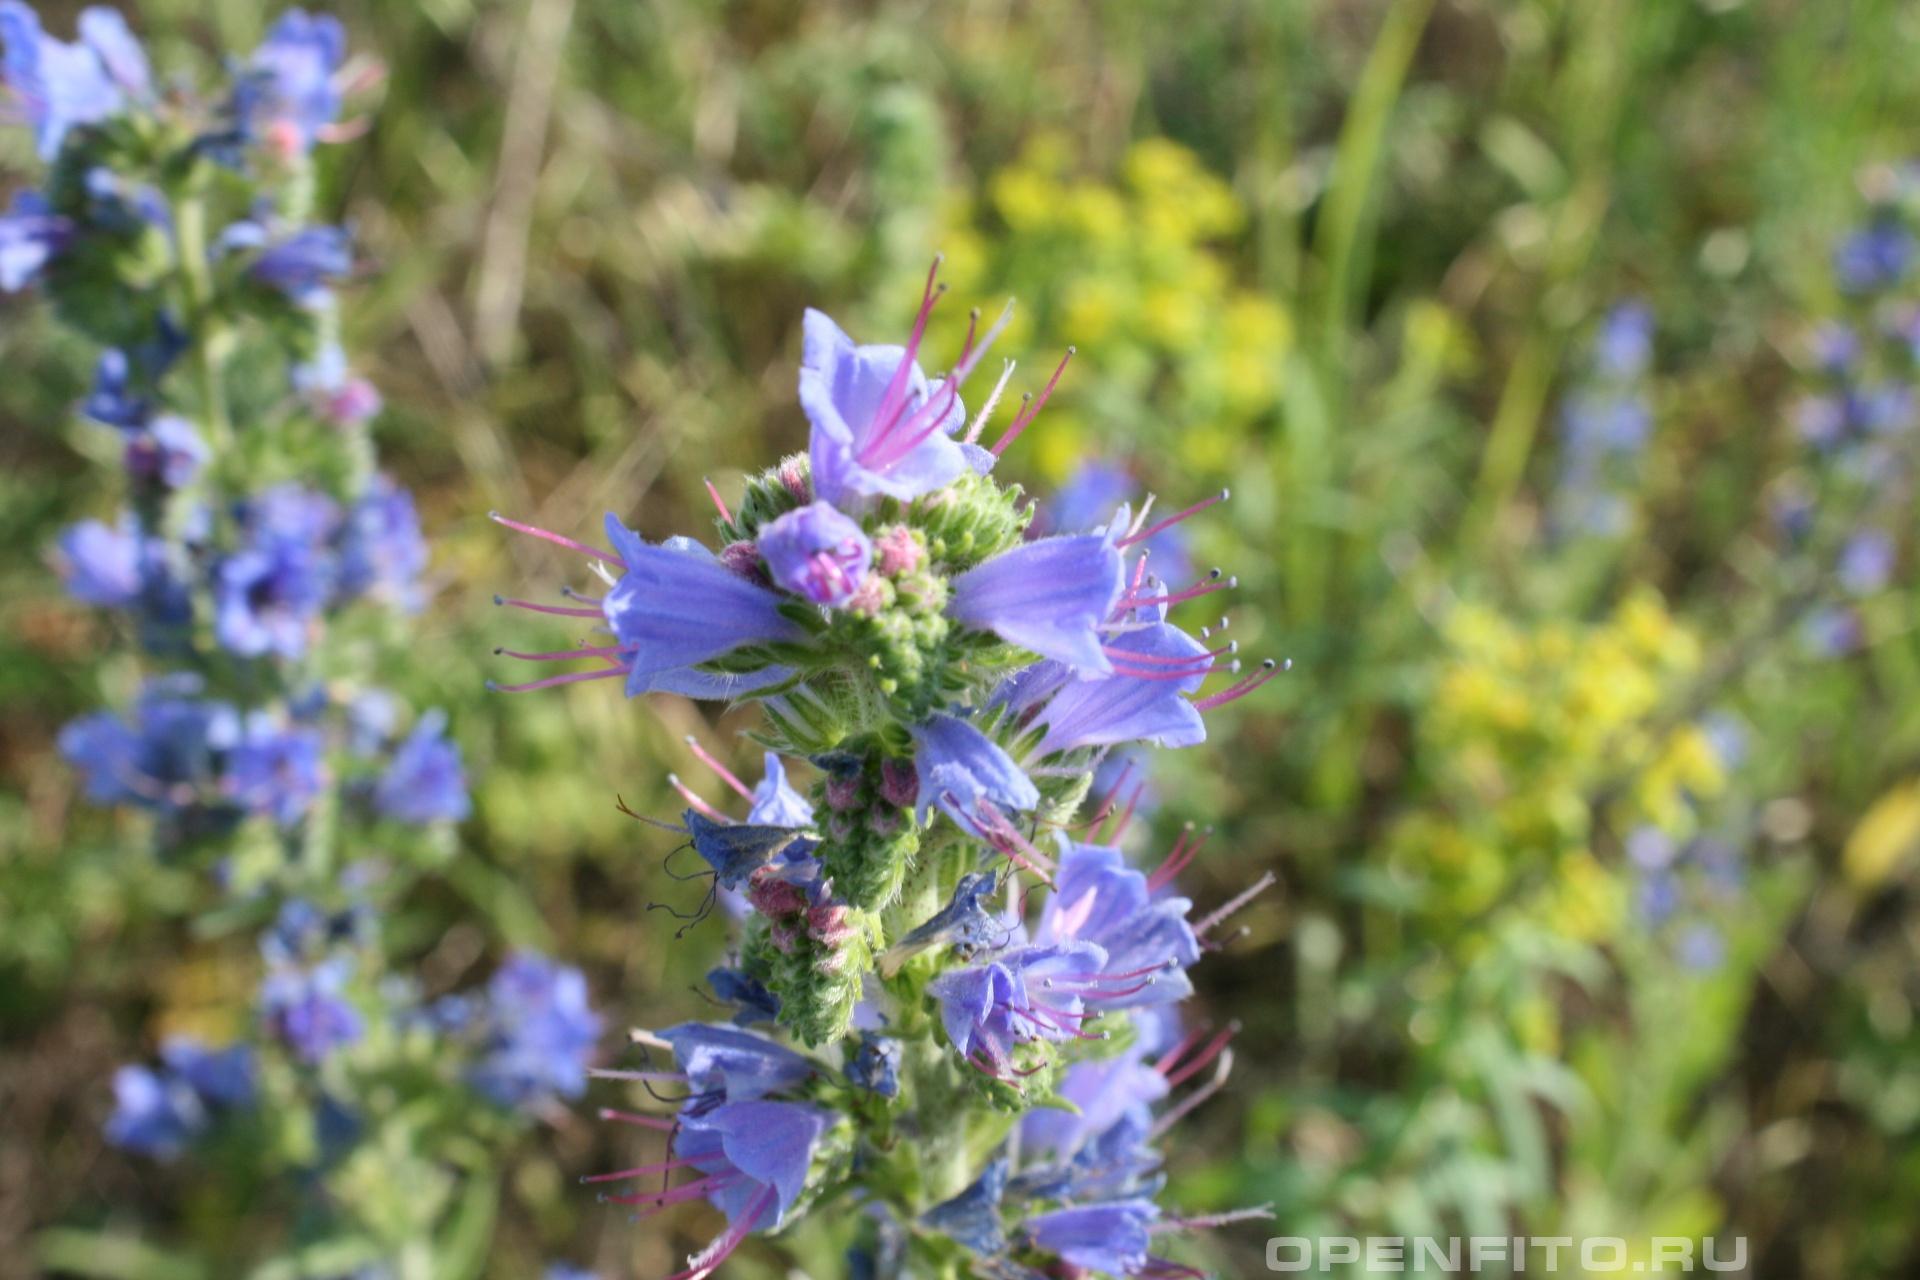 Синяк цветет в июне-июле